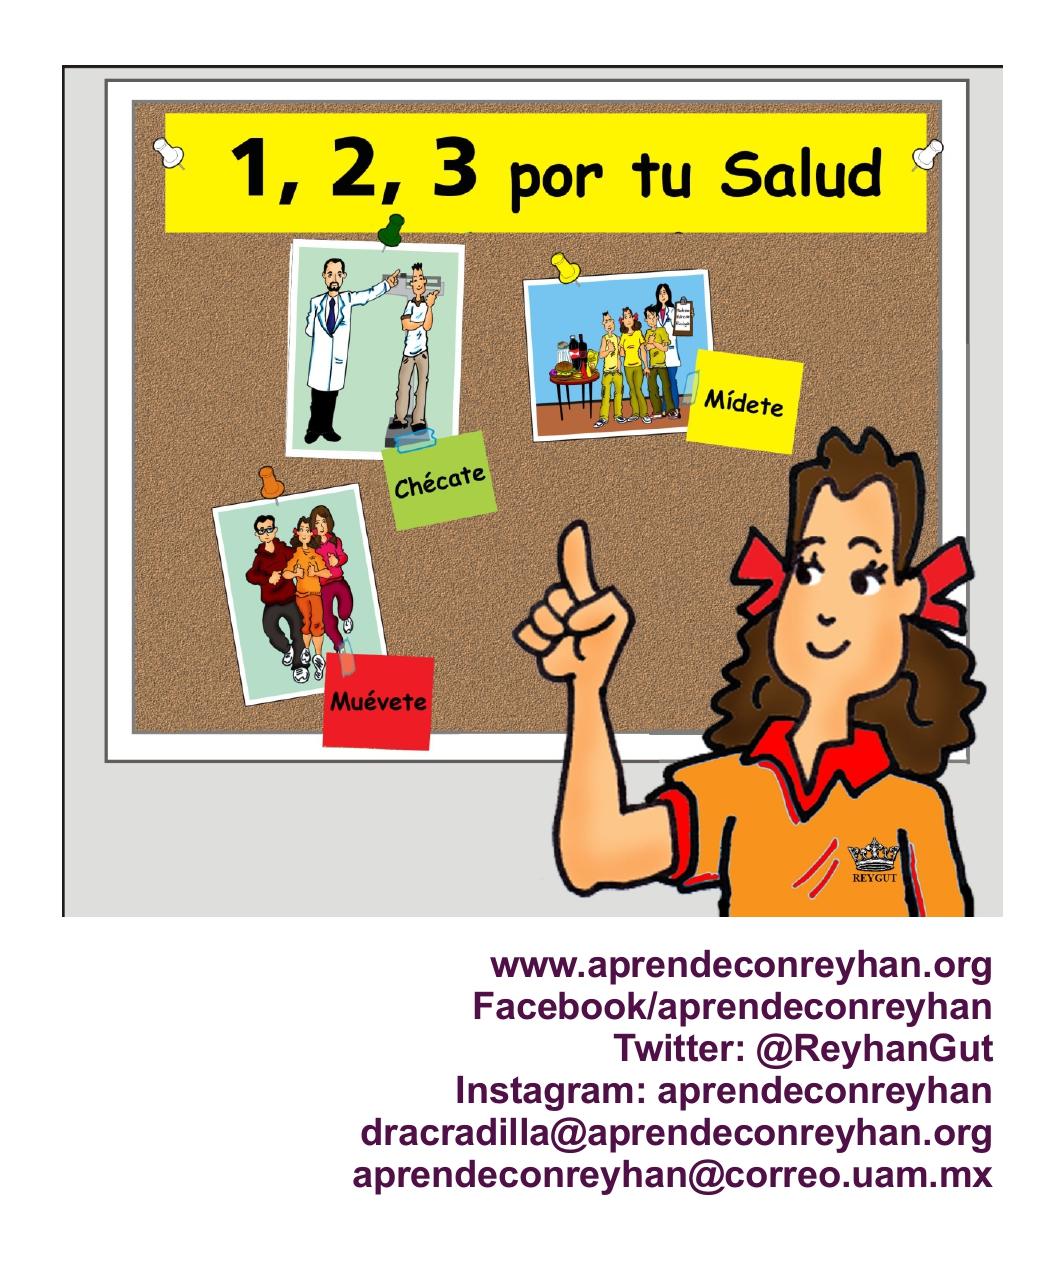 Psicología padres Reyhan cap1_1 digital_page-0022